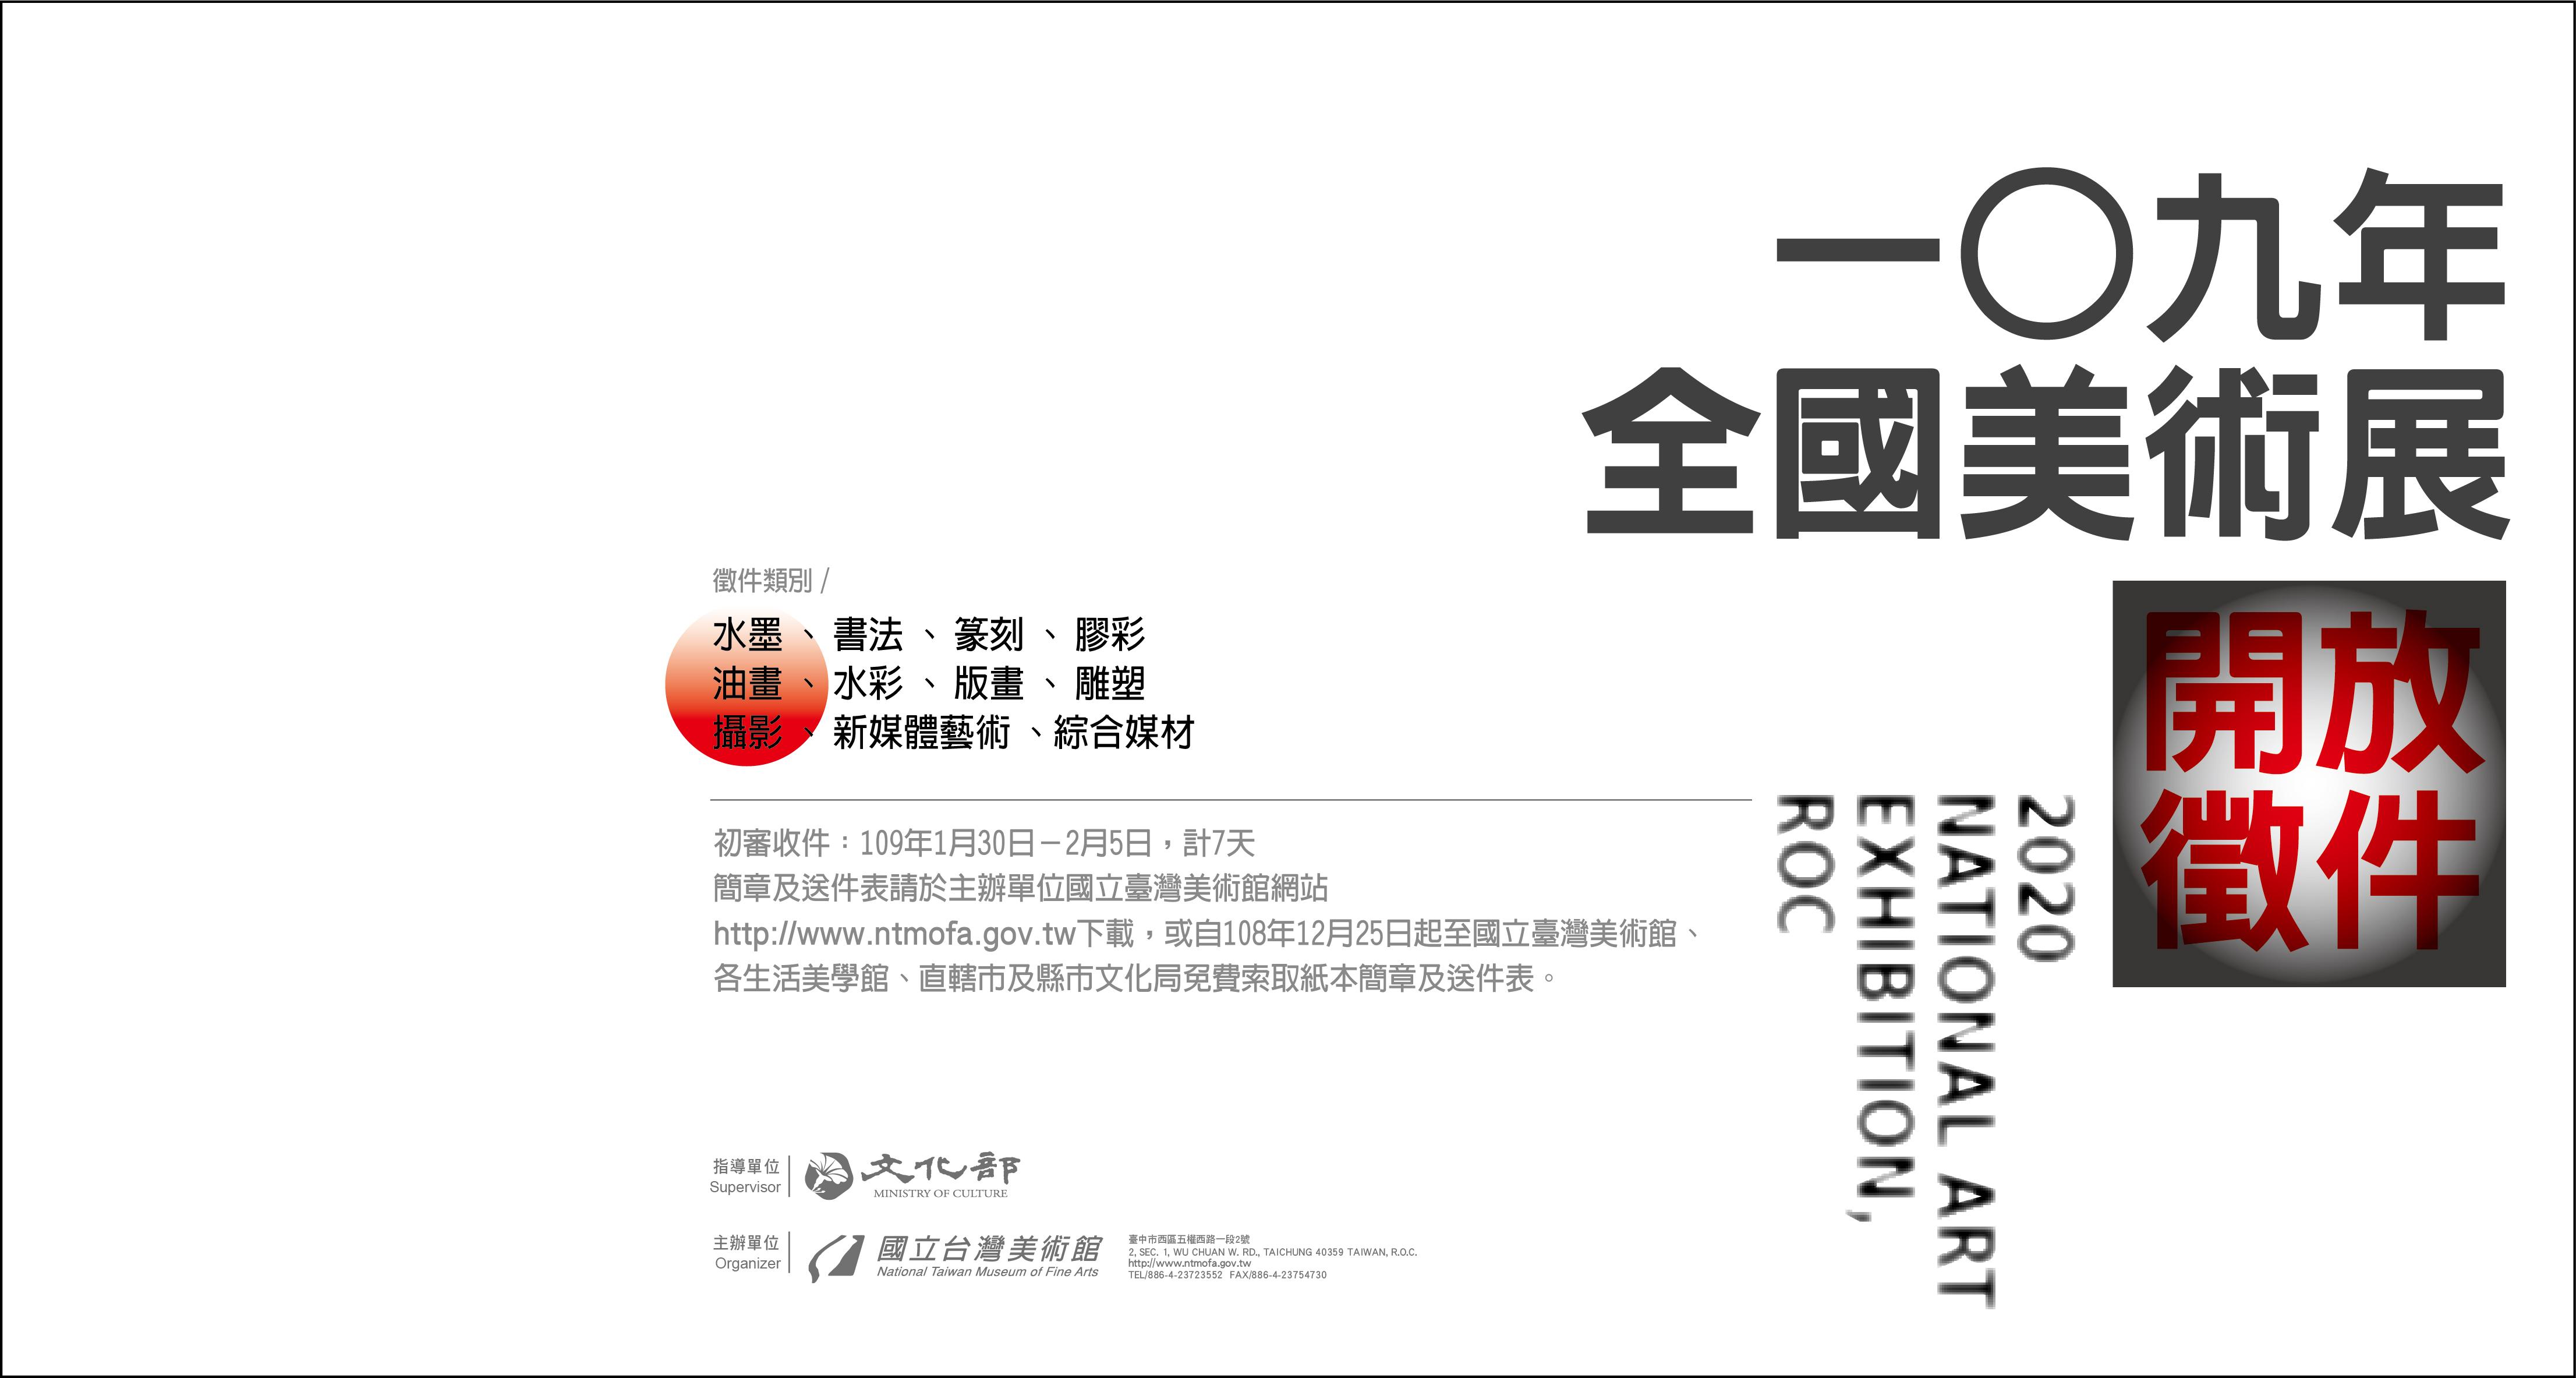 「一〇九年全國美術展」作品徵選opennewwindow